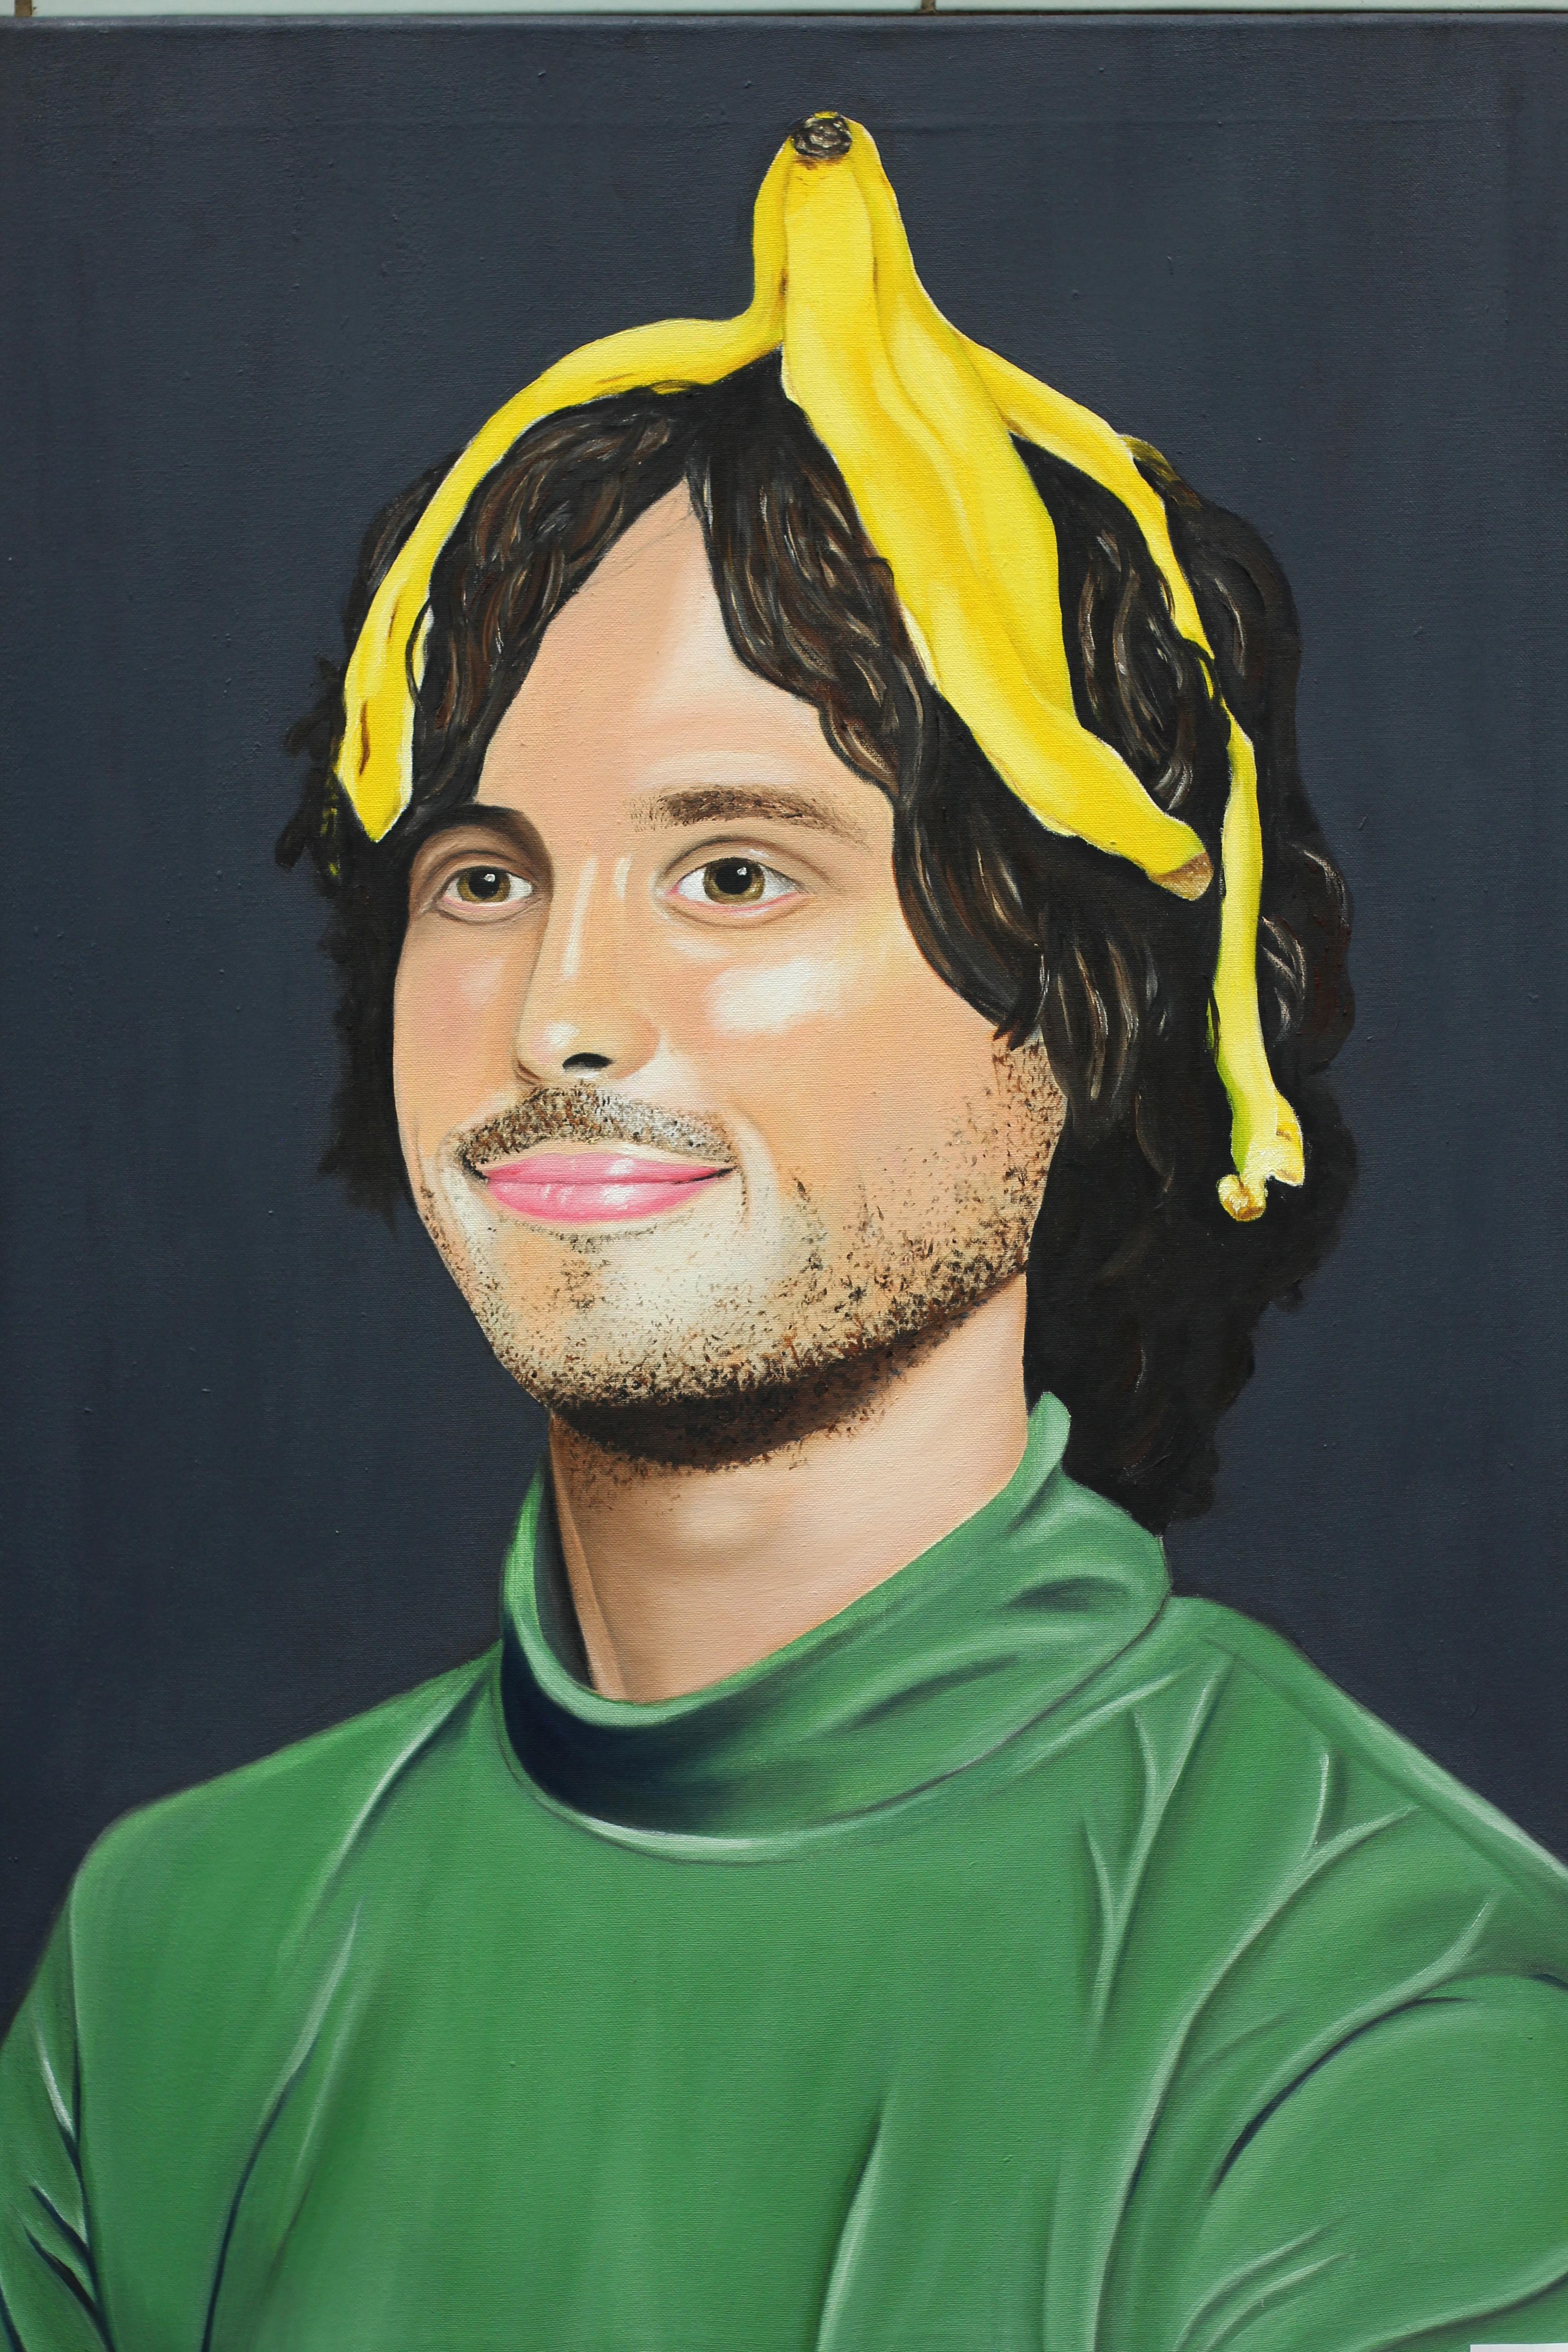 AHS Art oil painting boy with banana on head